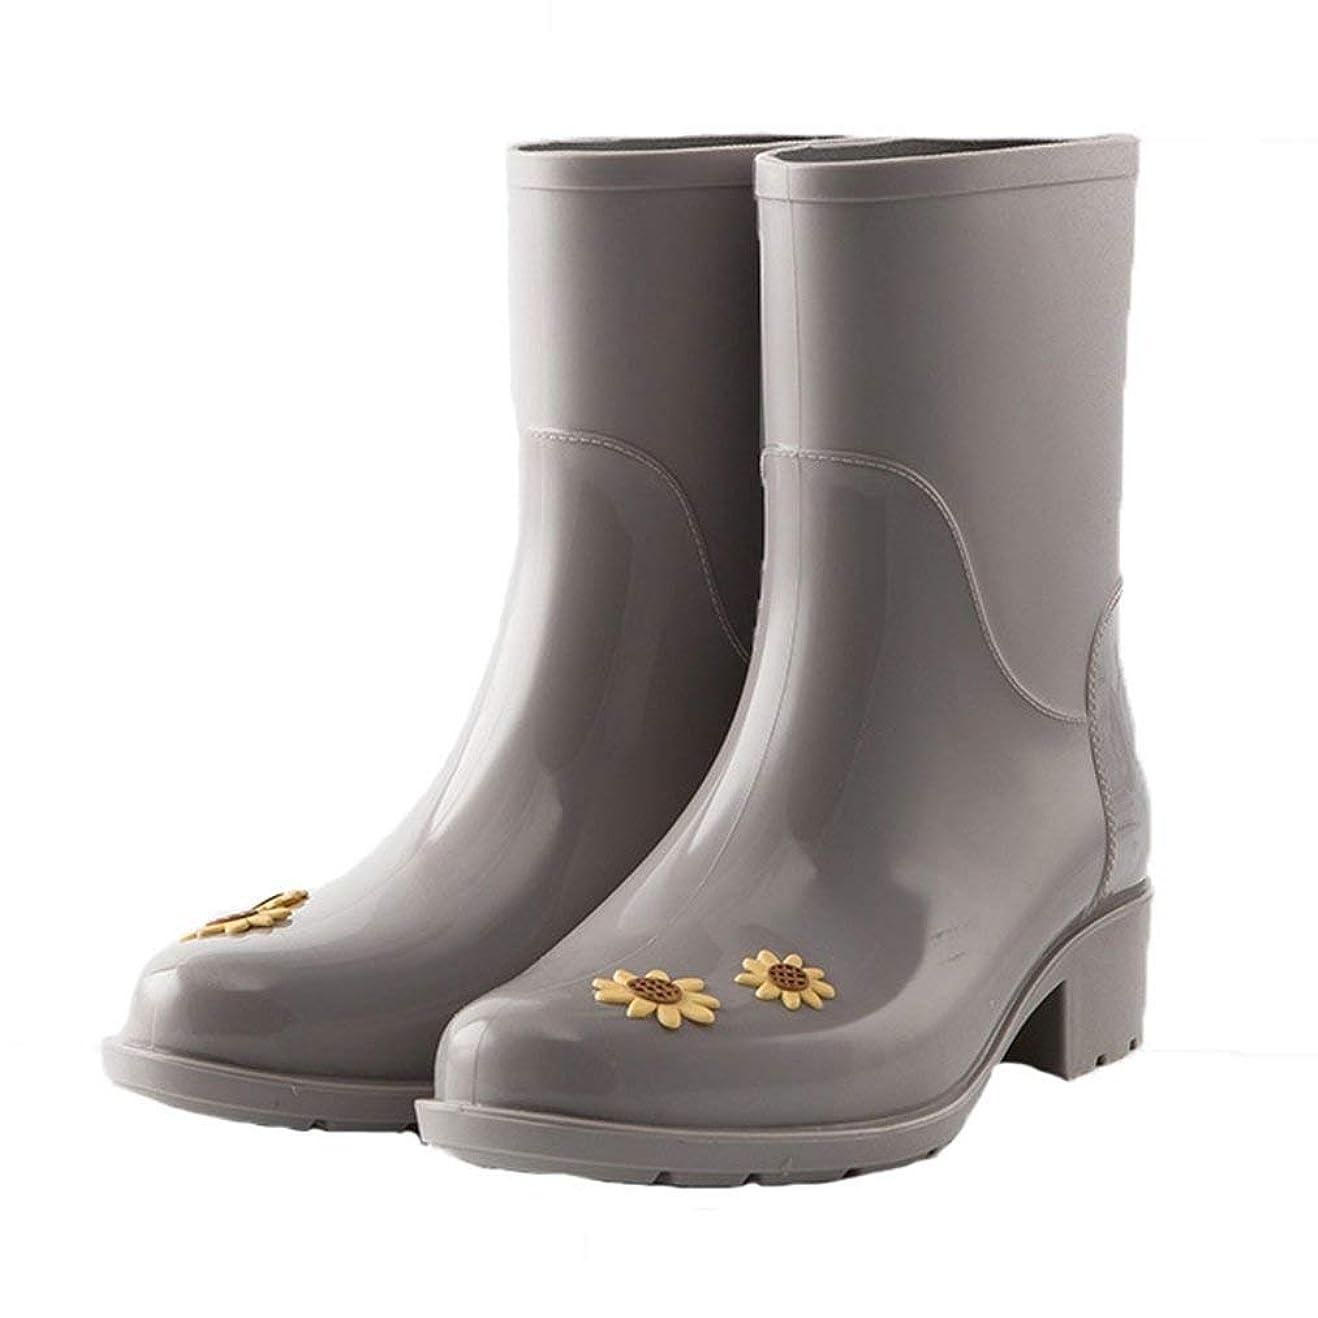 尽きる風剃る[topmodelss] レインブーツ レディース ヒール レインシューズ 長靴 雨靴 おしゃれ 防水 ロング 軽量 防滑 無地 ガールズ かわいい 通勤 通学 梅雨対策 快適 防滑 美脚 履きやすい 歩きやすい